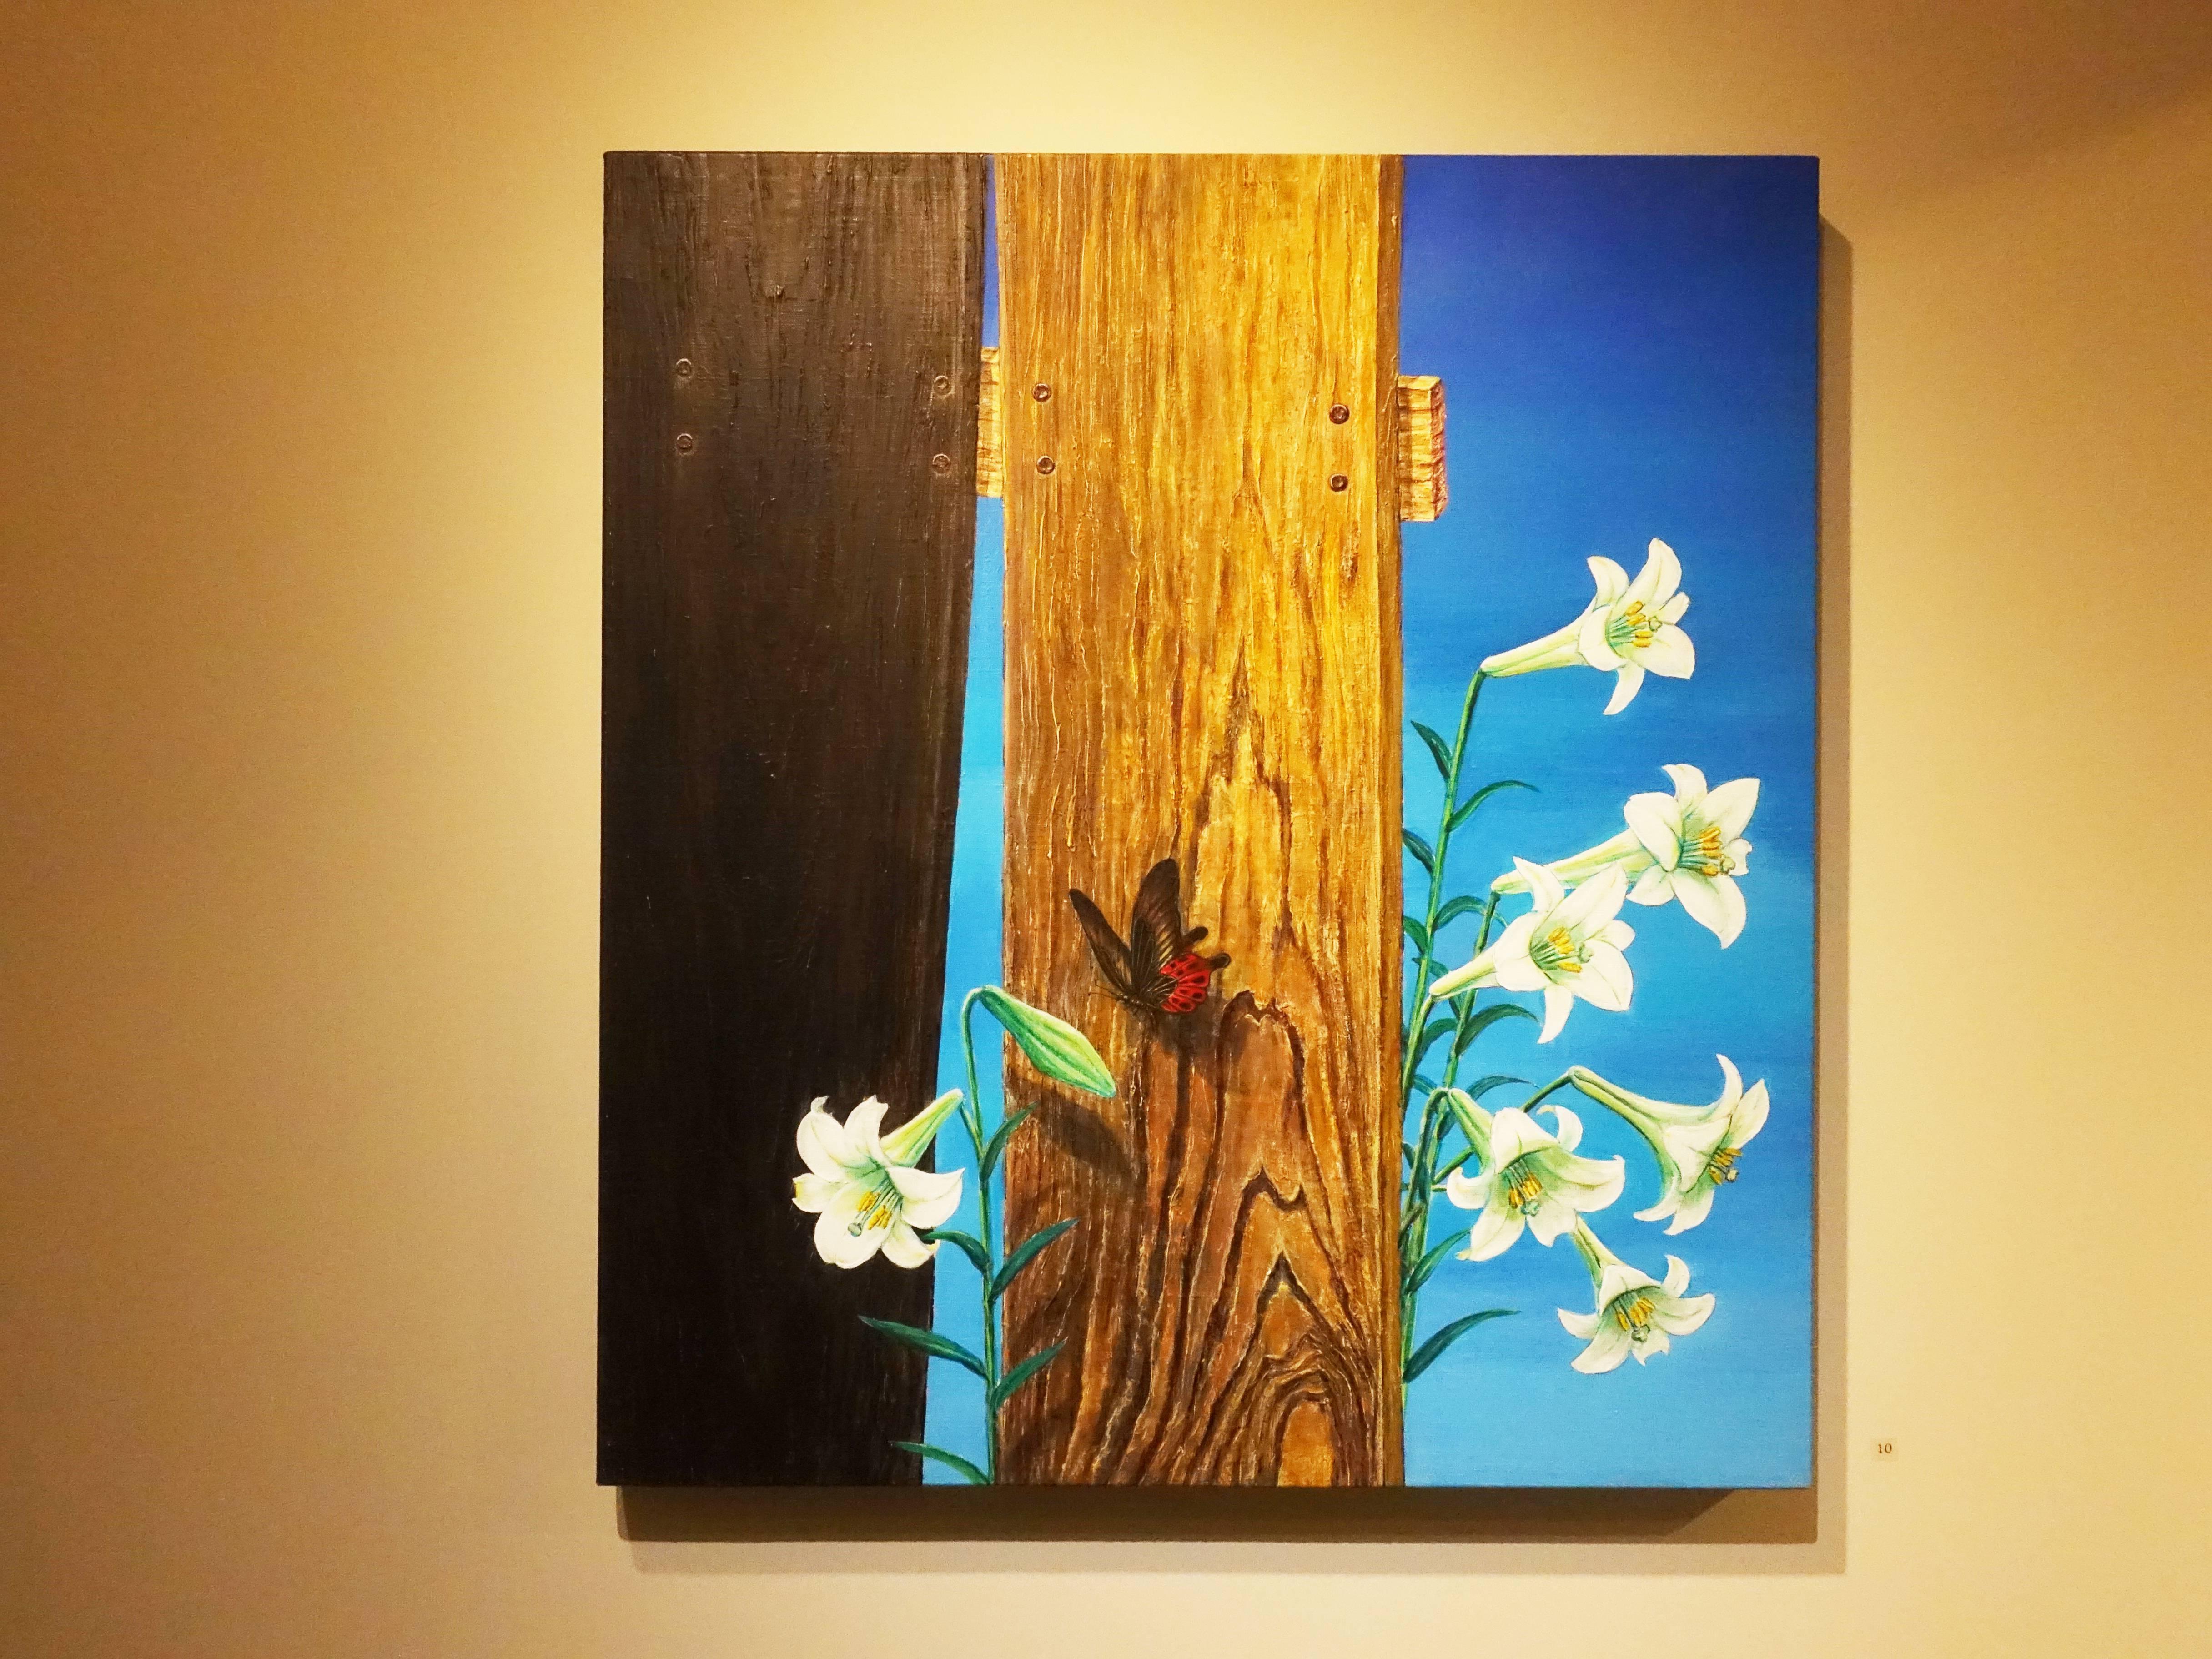 林雪卿,《倚》,72 x 66 cm,1/1,綜合媒材、畫布,2006。